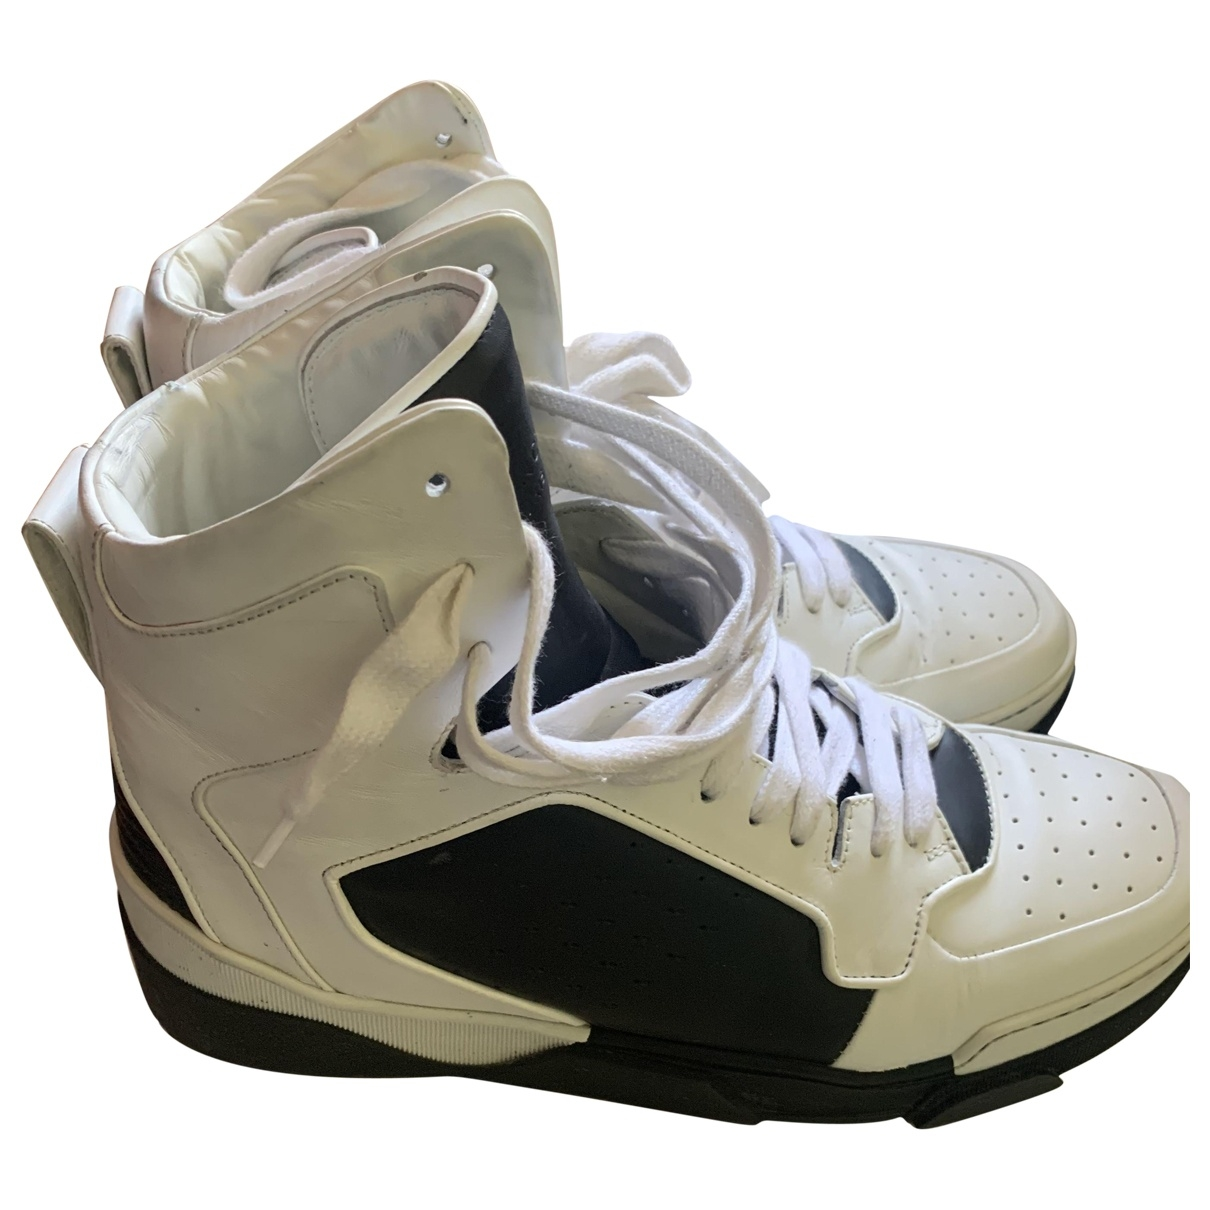 Givenchy - Baskets Tyson pour homme en cuir - blanc